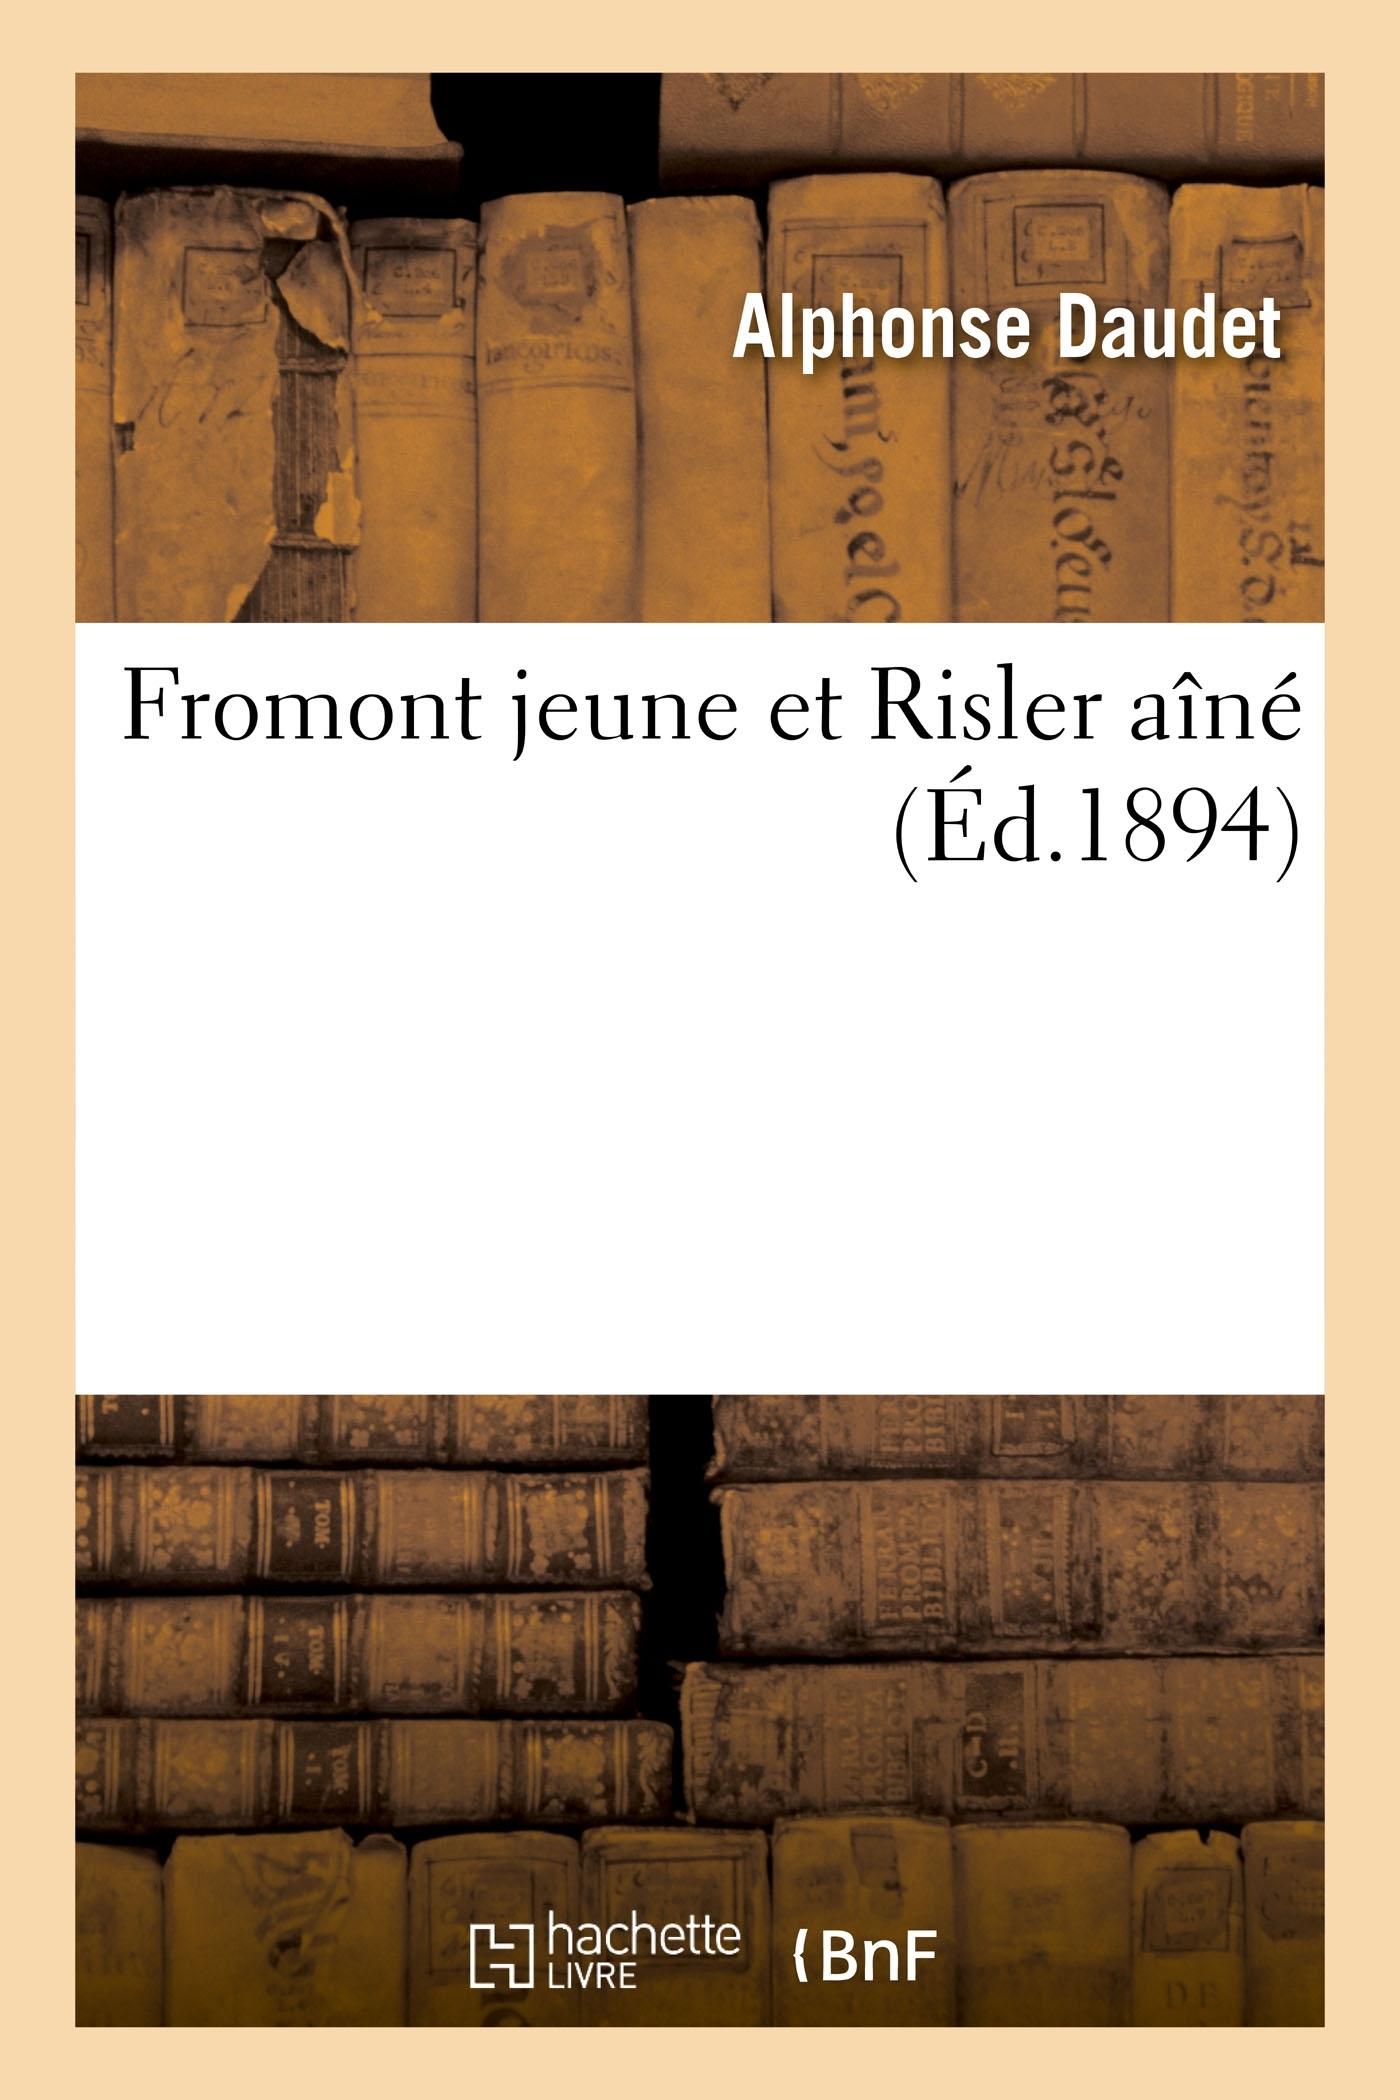 FROMONT JEUNE ET RISLER AINE